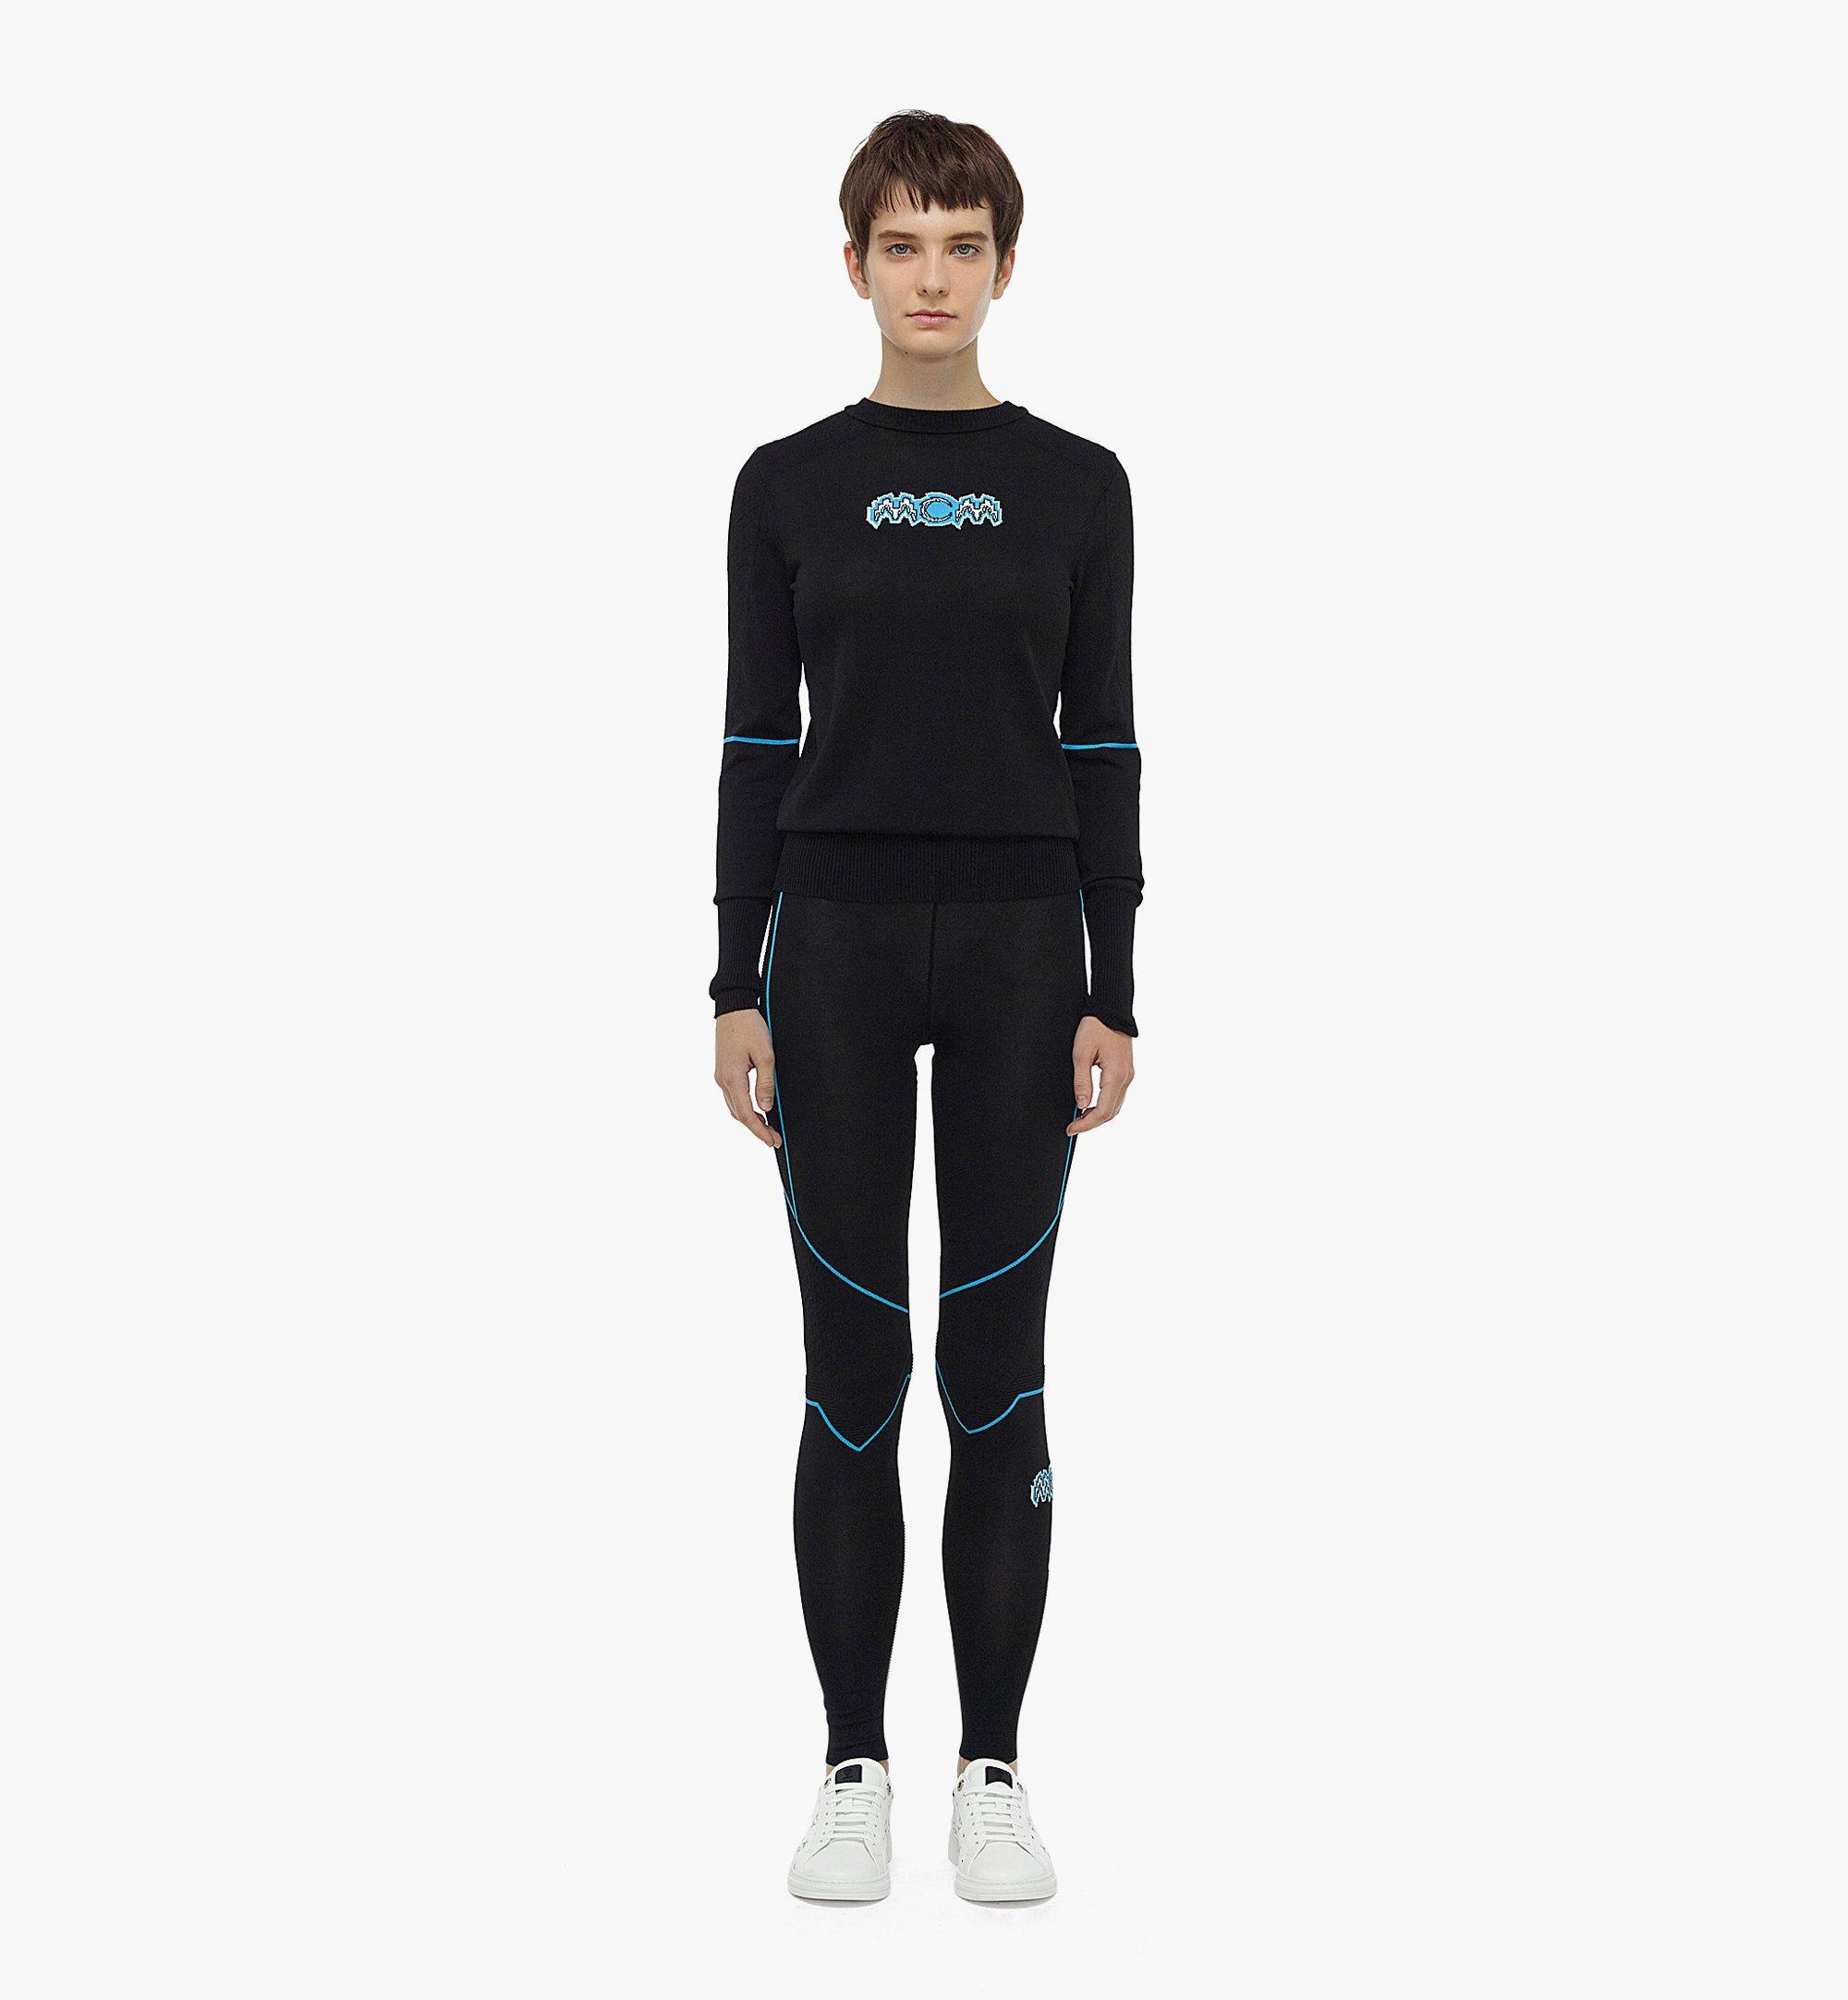 MCM 女士Logo针织紧身裤 Black MFPBAMM03BK00L 更多视角 3